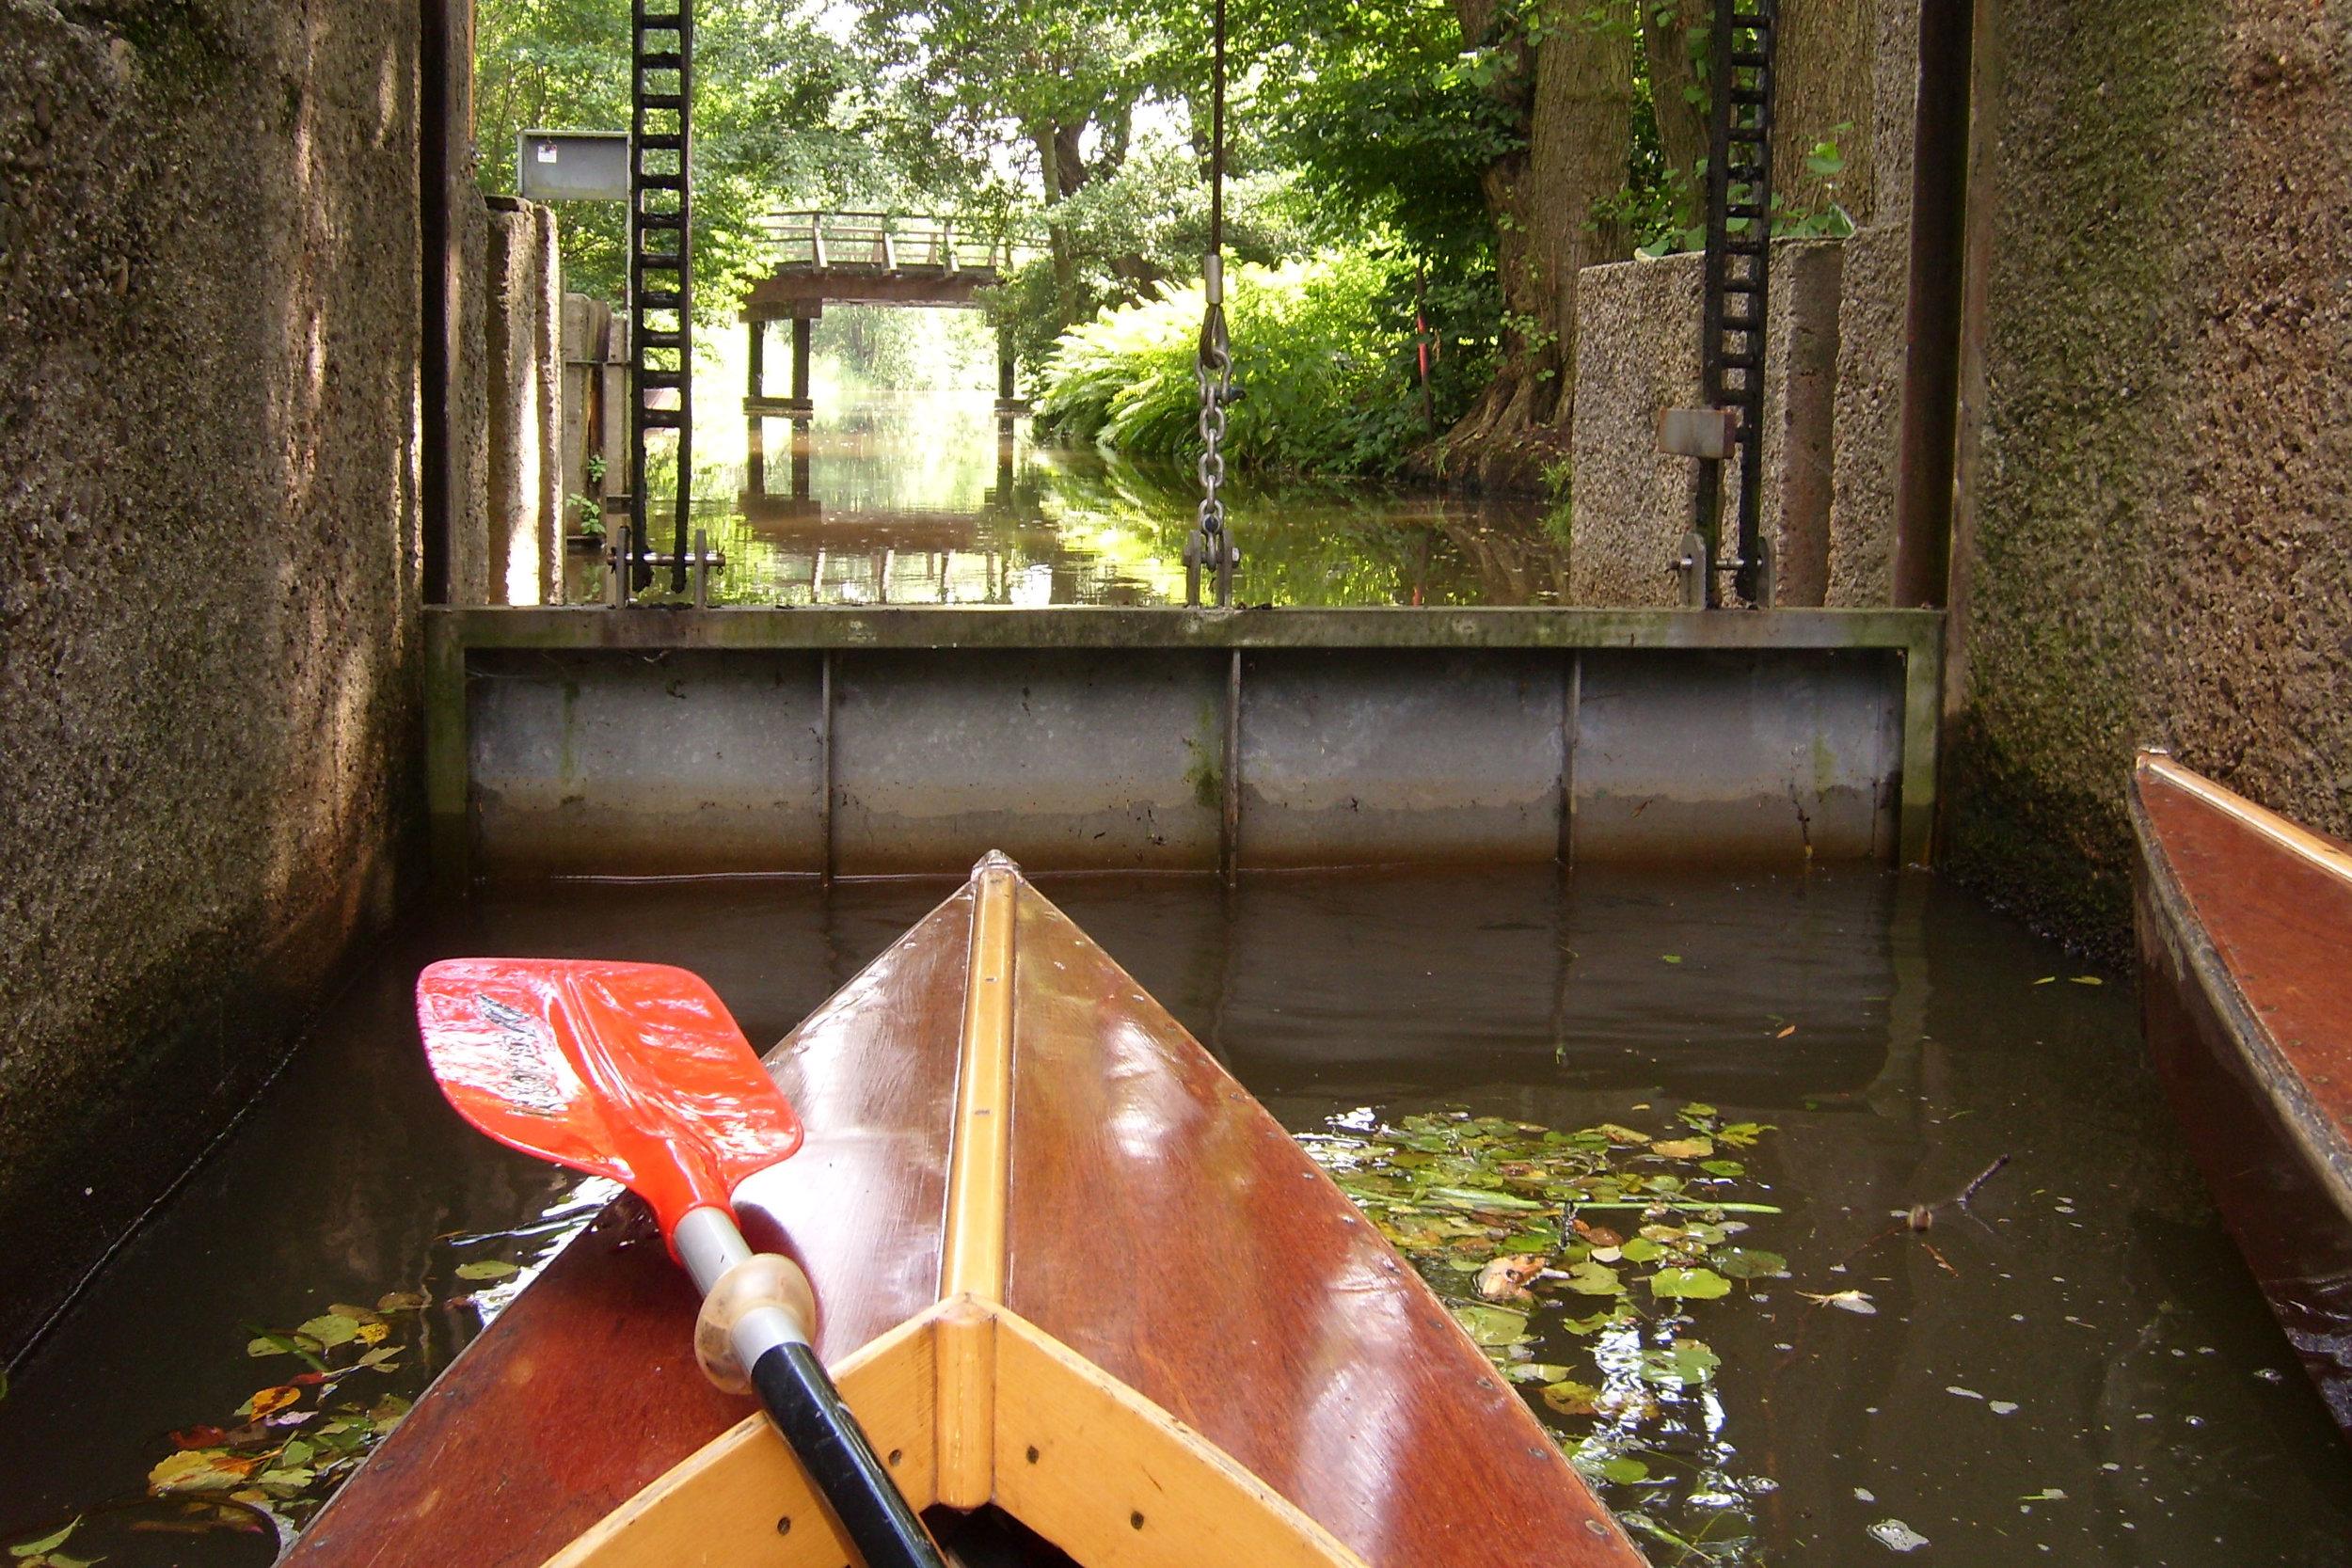 Wassermangel 2019 - Aufgrund des aktuellen Niedrigwassers im Spreewald, werden alle Paddler aufgerufen und gebeten das Durchfahren von Schleusen zu vermeiden. Bitte nutzen Sie die Bootsrollen, falls vorhanden. Warten Sie, bis möglichst viele Boote gemeinsam schleusen können. Trotzdem sind vielfälltige Touren möglich.